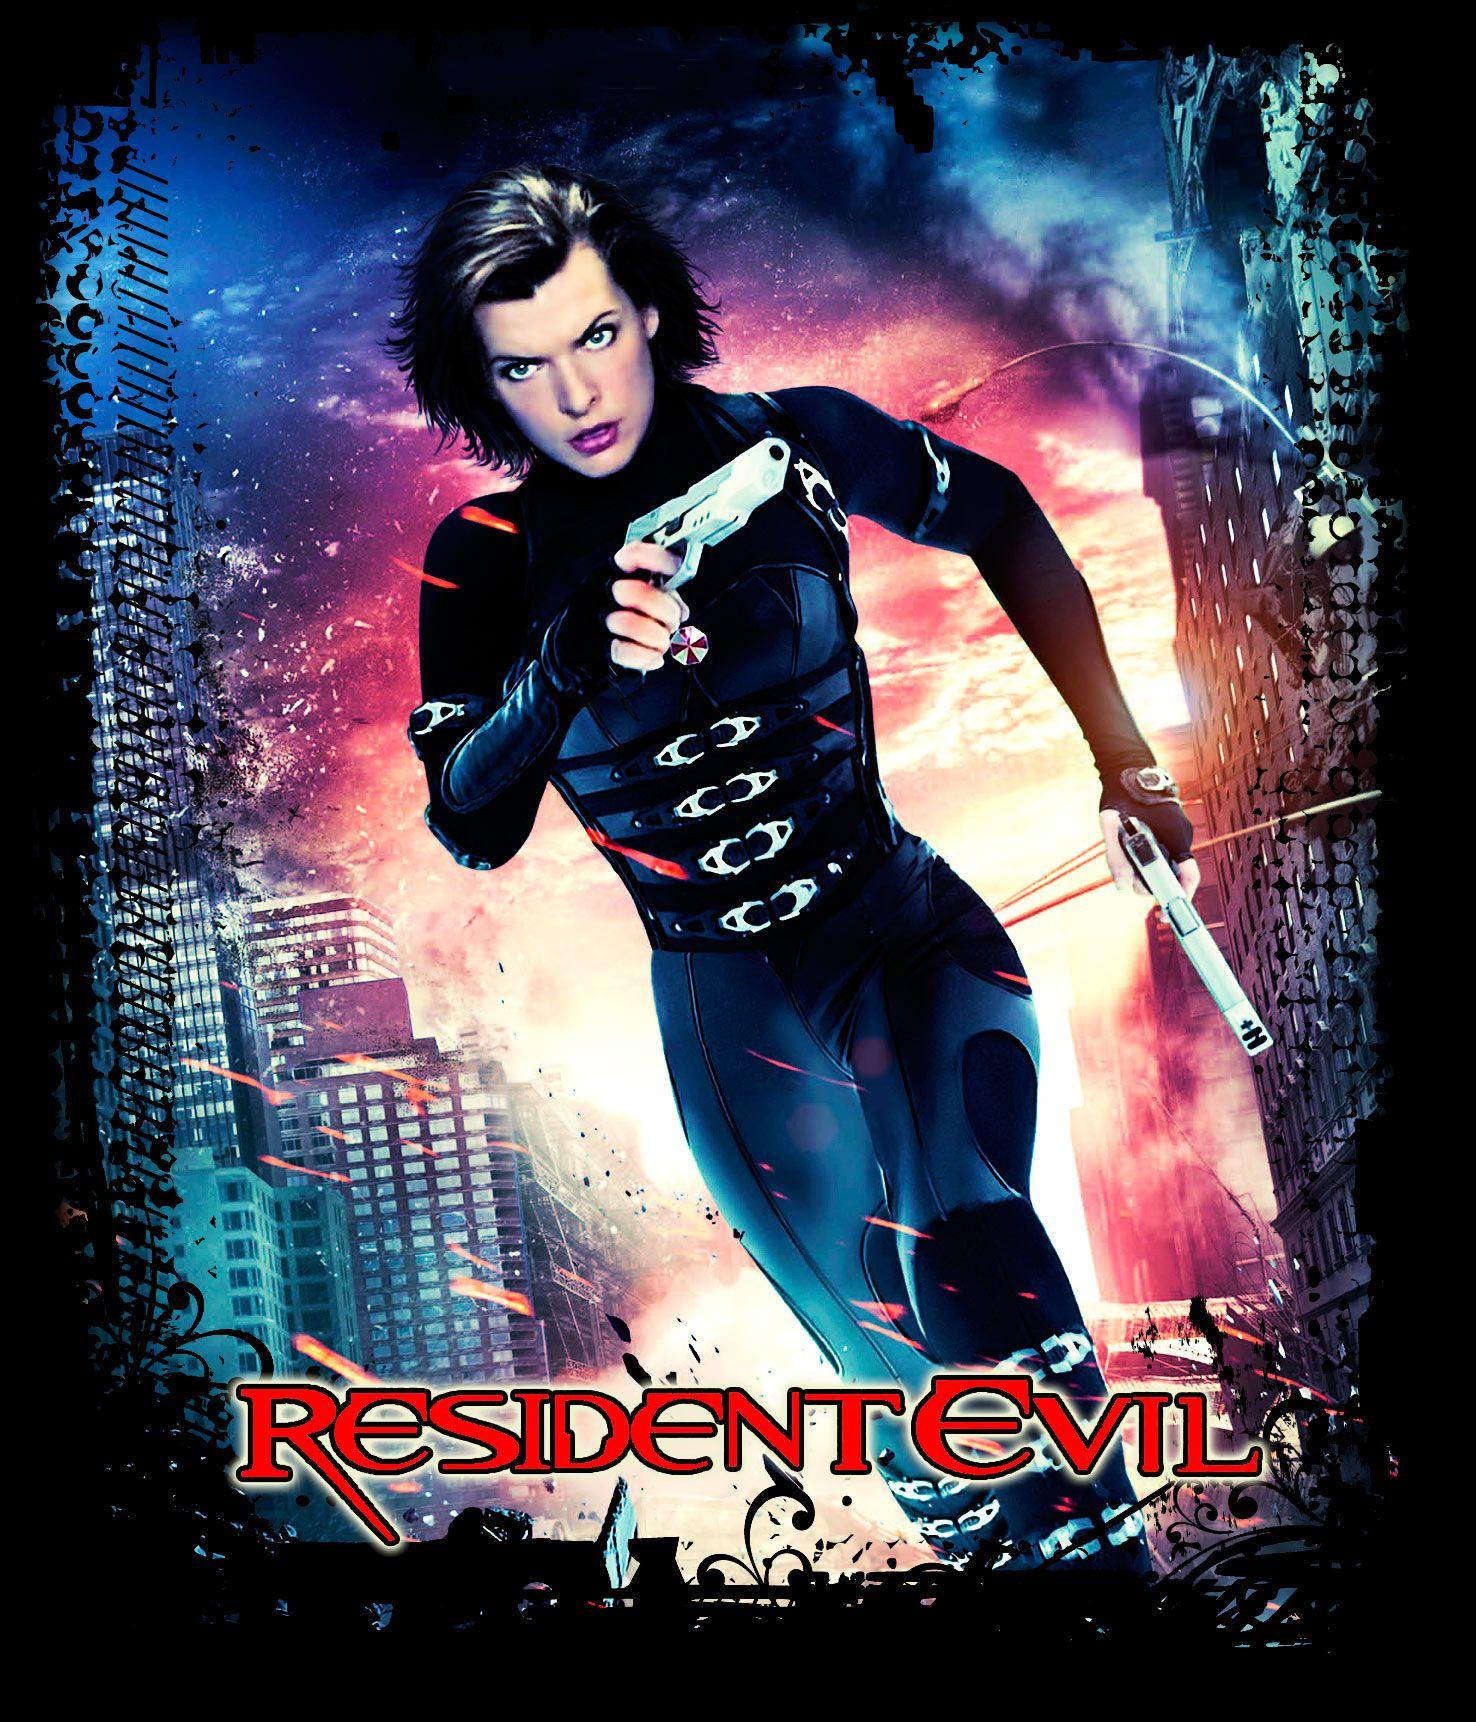 Camiseta Resident Evil 5 La Venganza Camiseta Para Chico Muy